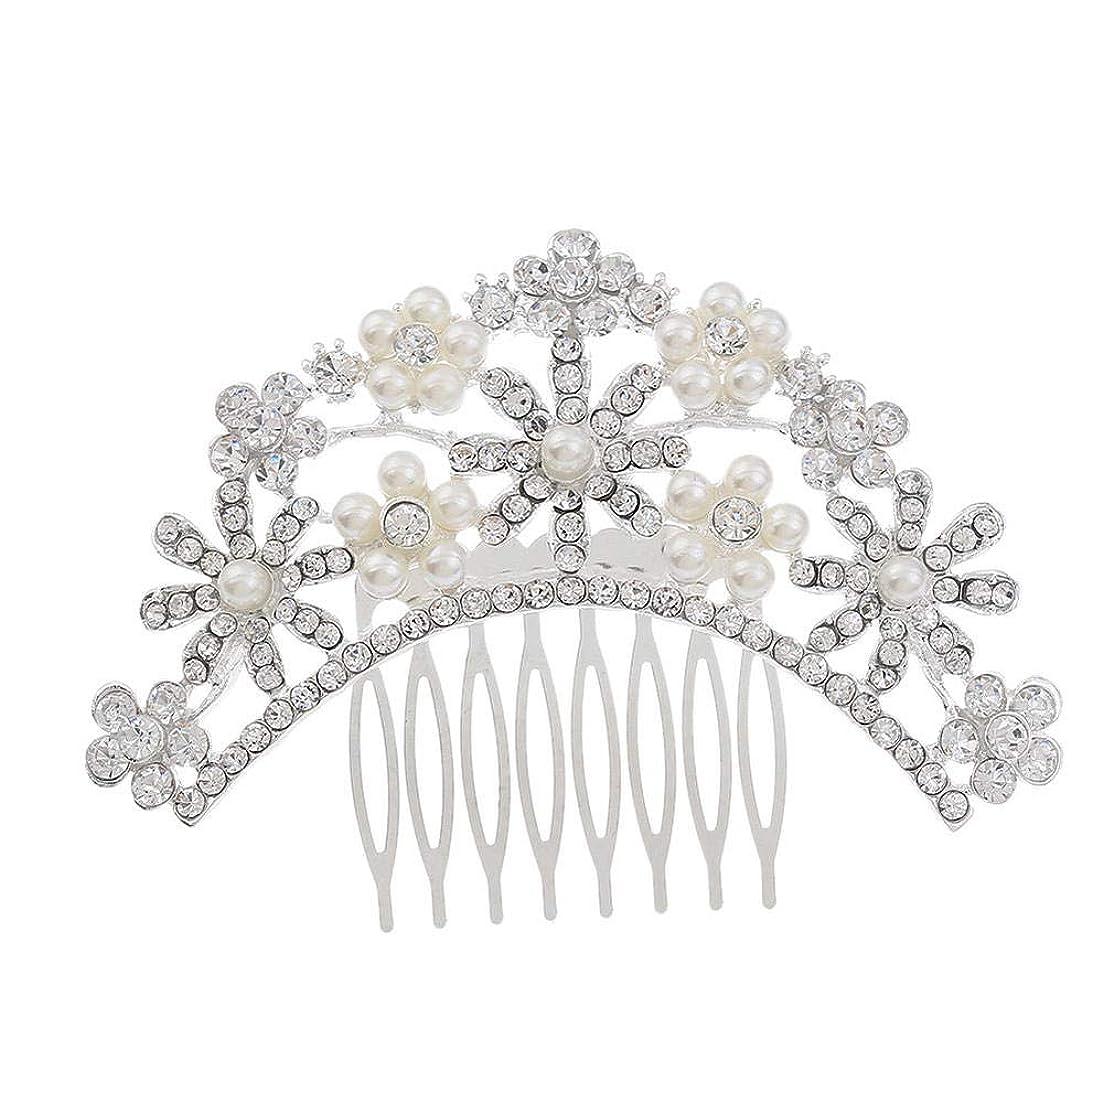 瞑想案件農民ヘアコームコーム櫛花嫁の髪櫛クラウンヘッドバンド結婚式の帽子真珠の髪の櫛ラインストーンインサート櫛